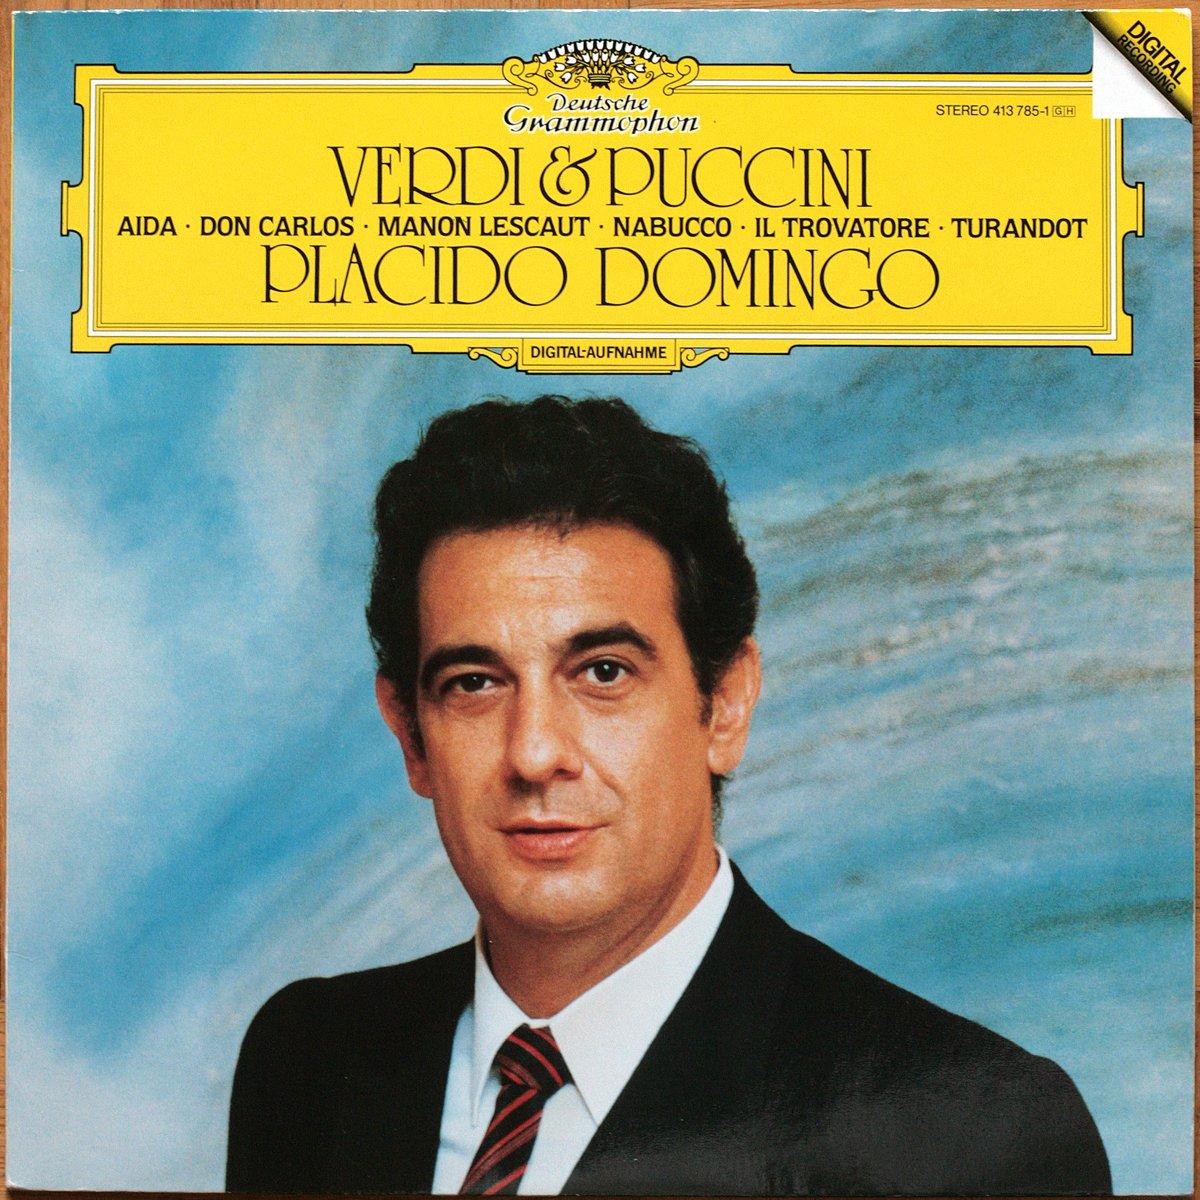 DGG 413 785 Verdi Airs Puccini Domingo DGG Digital Aufnahme